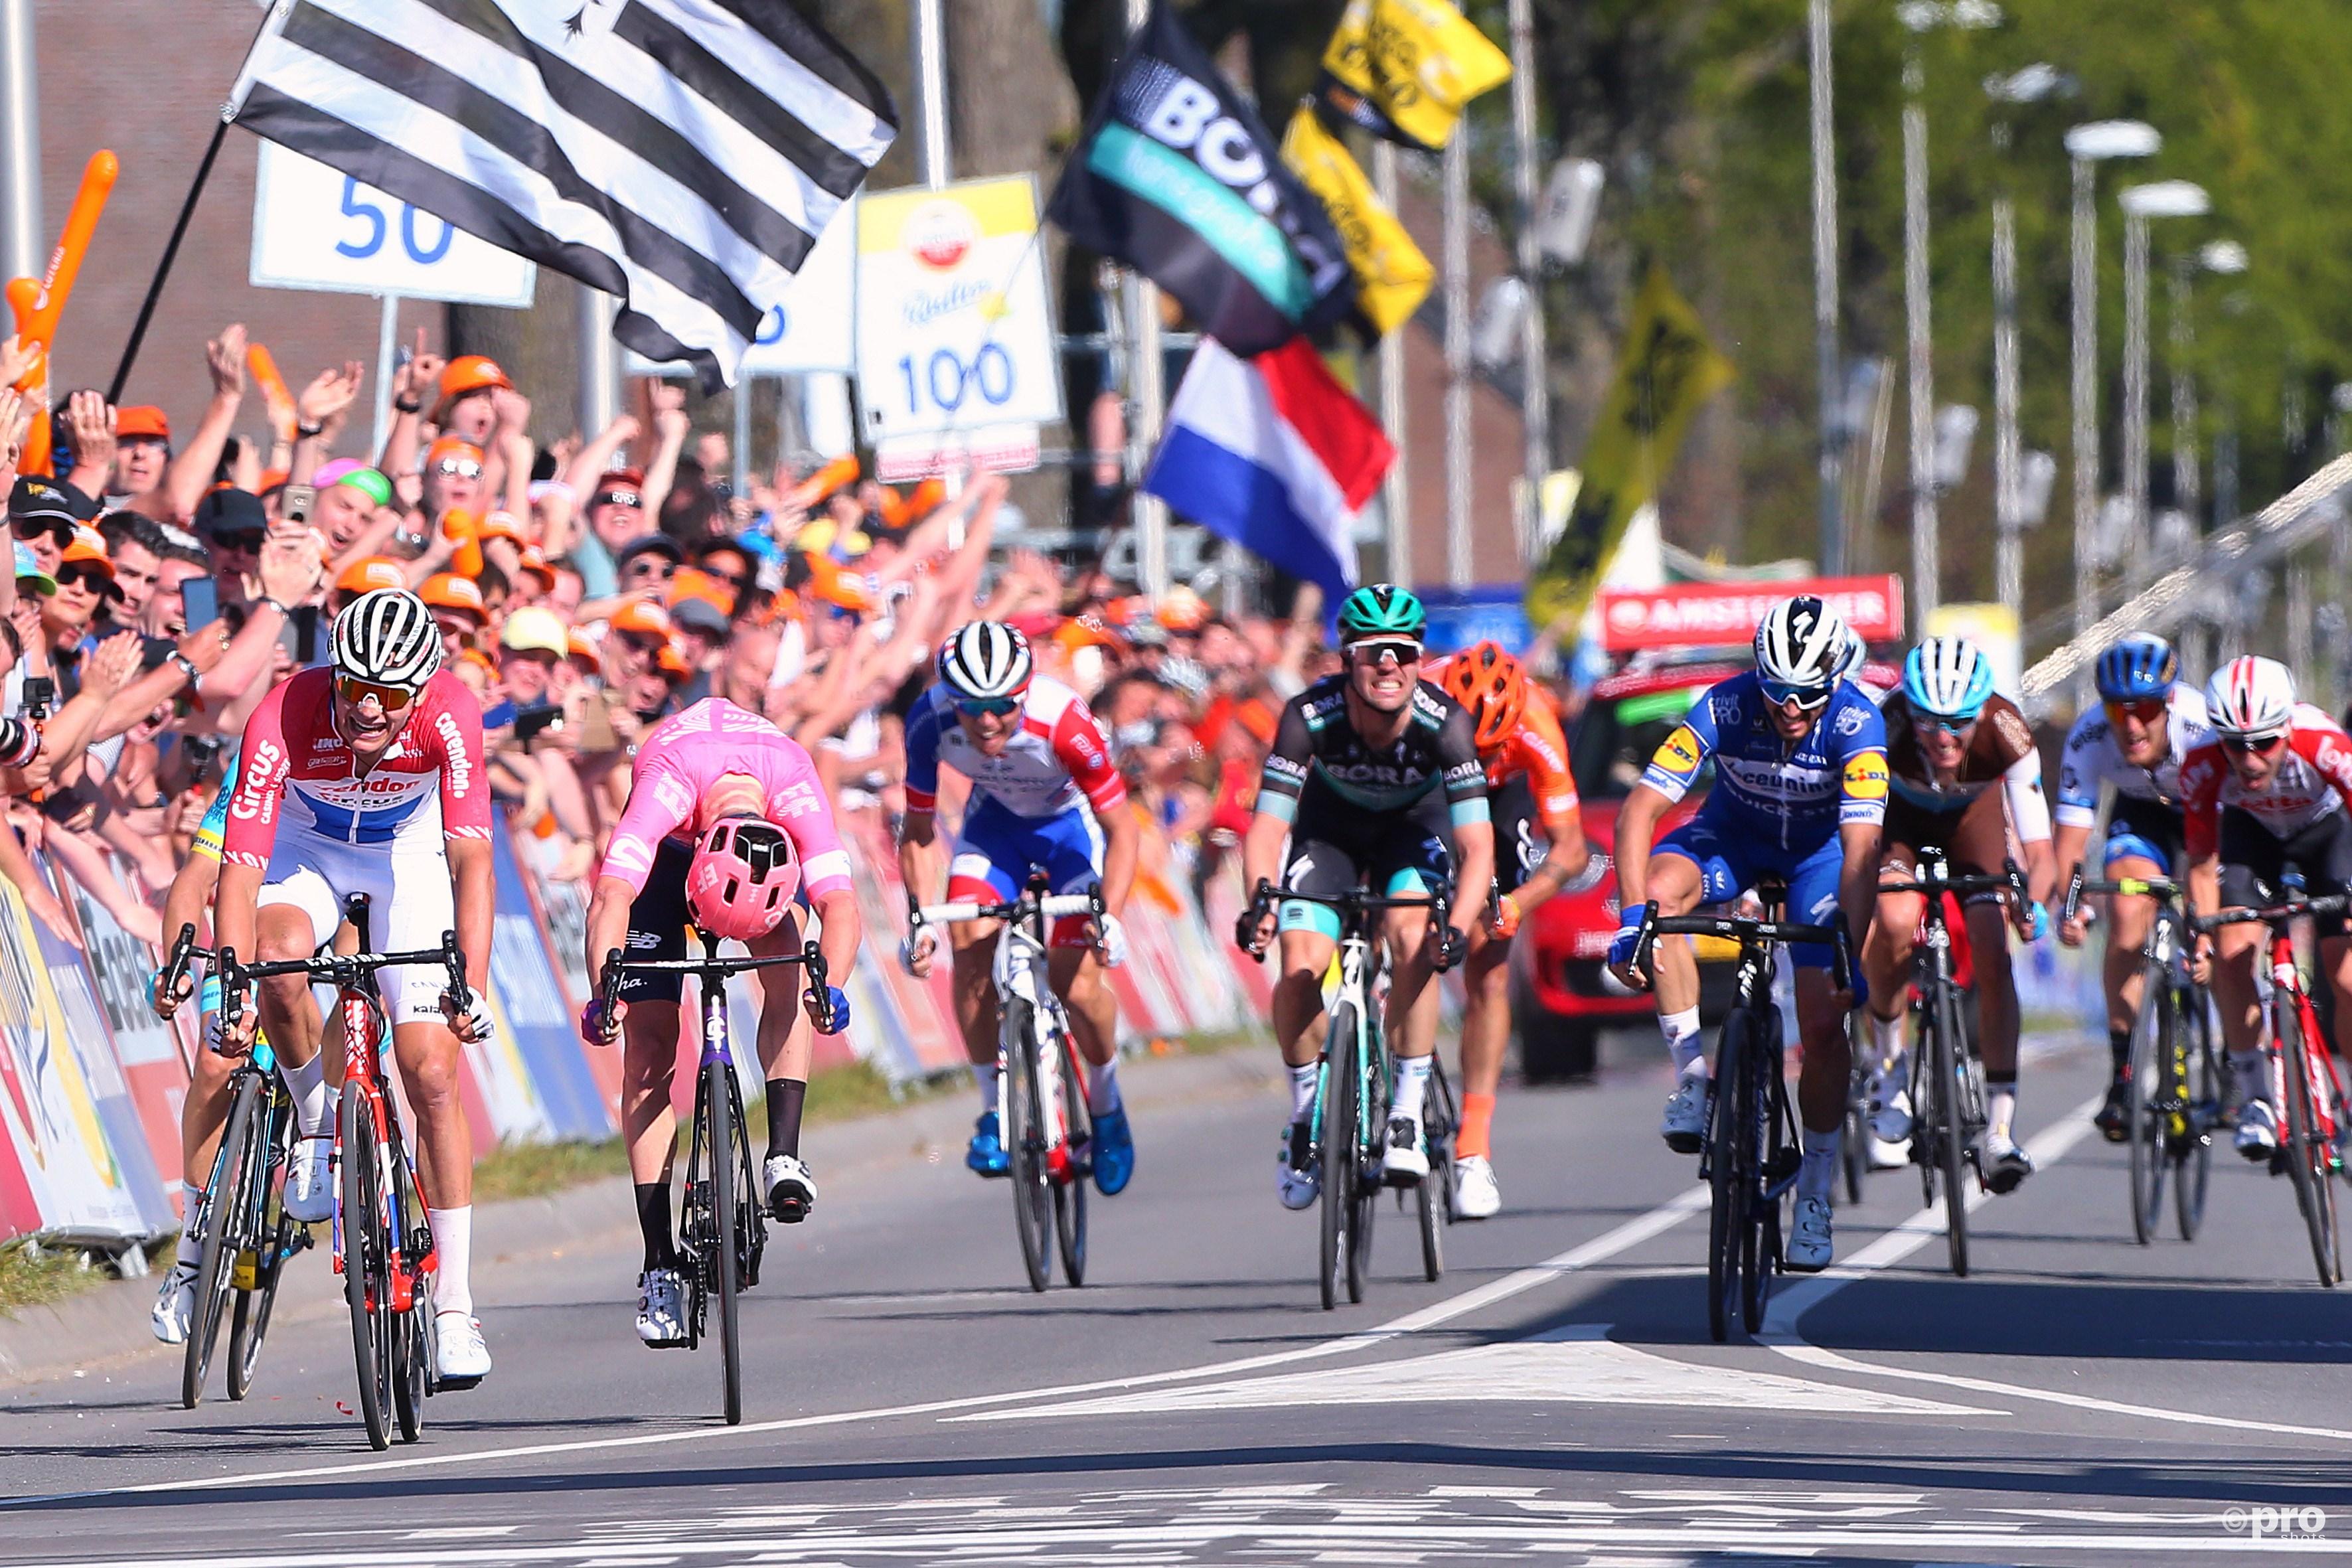 Van der Poel wint op sensationele wijze Amstel Gold Race (Pro Shots / George Deswijzen)